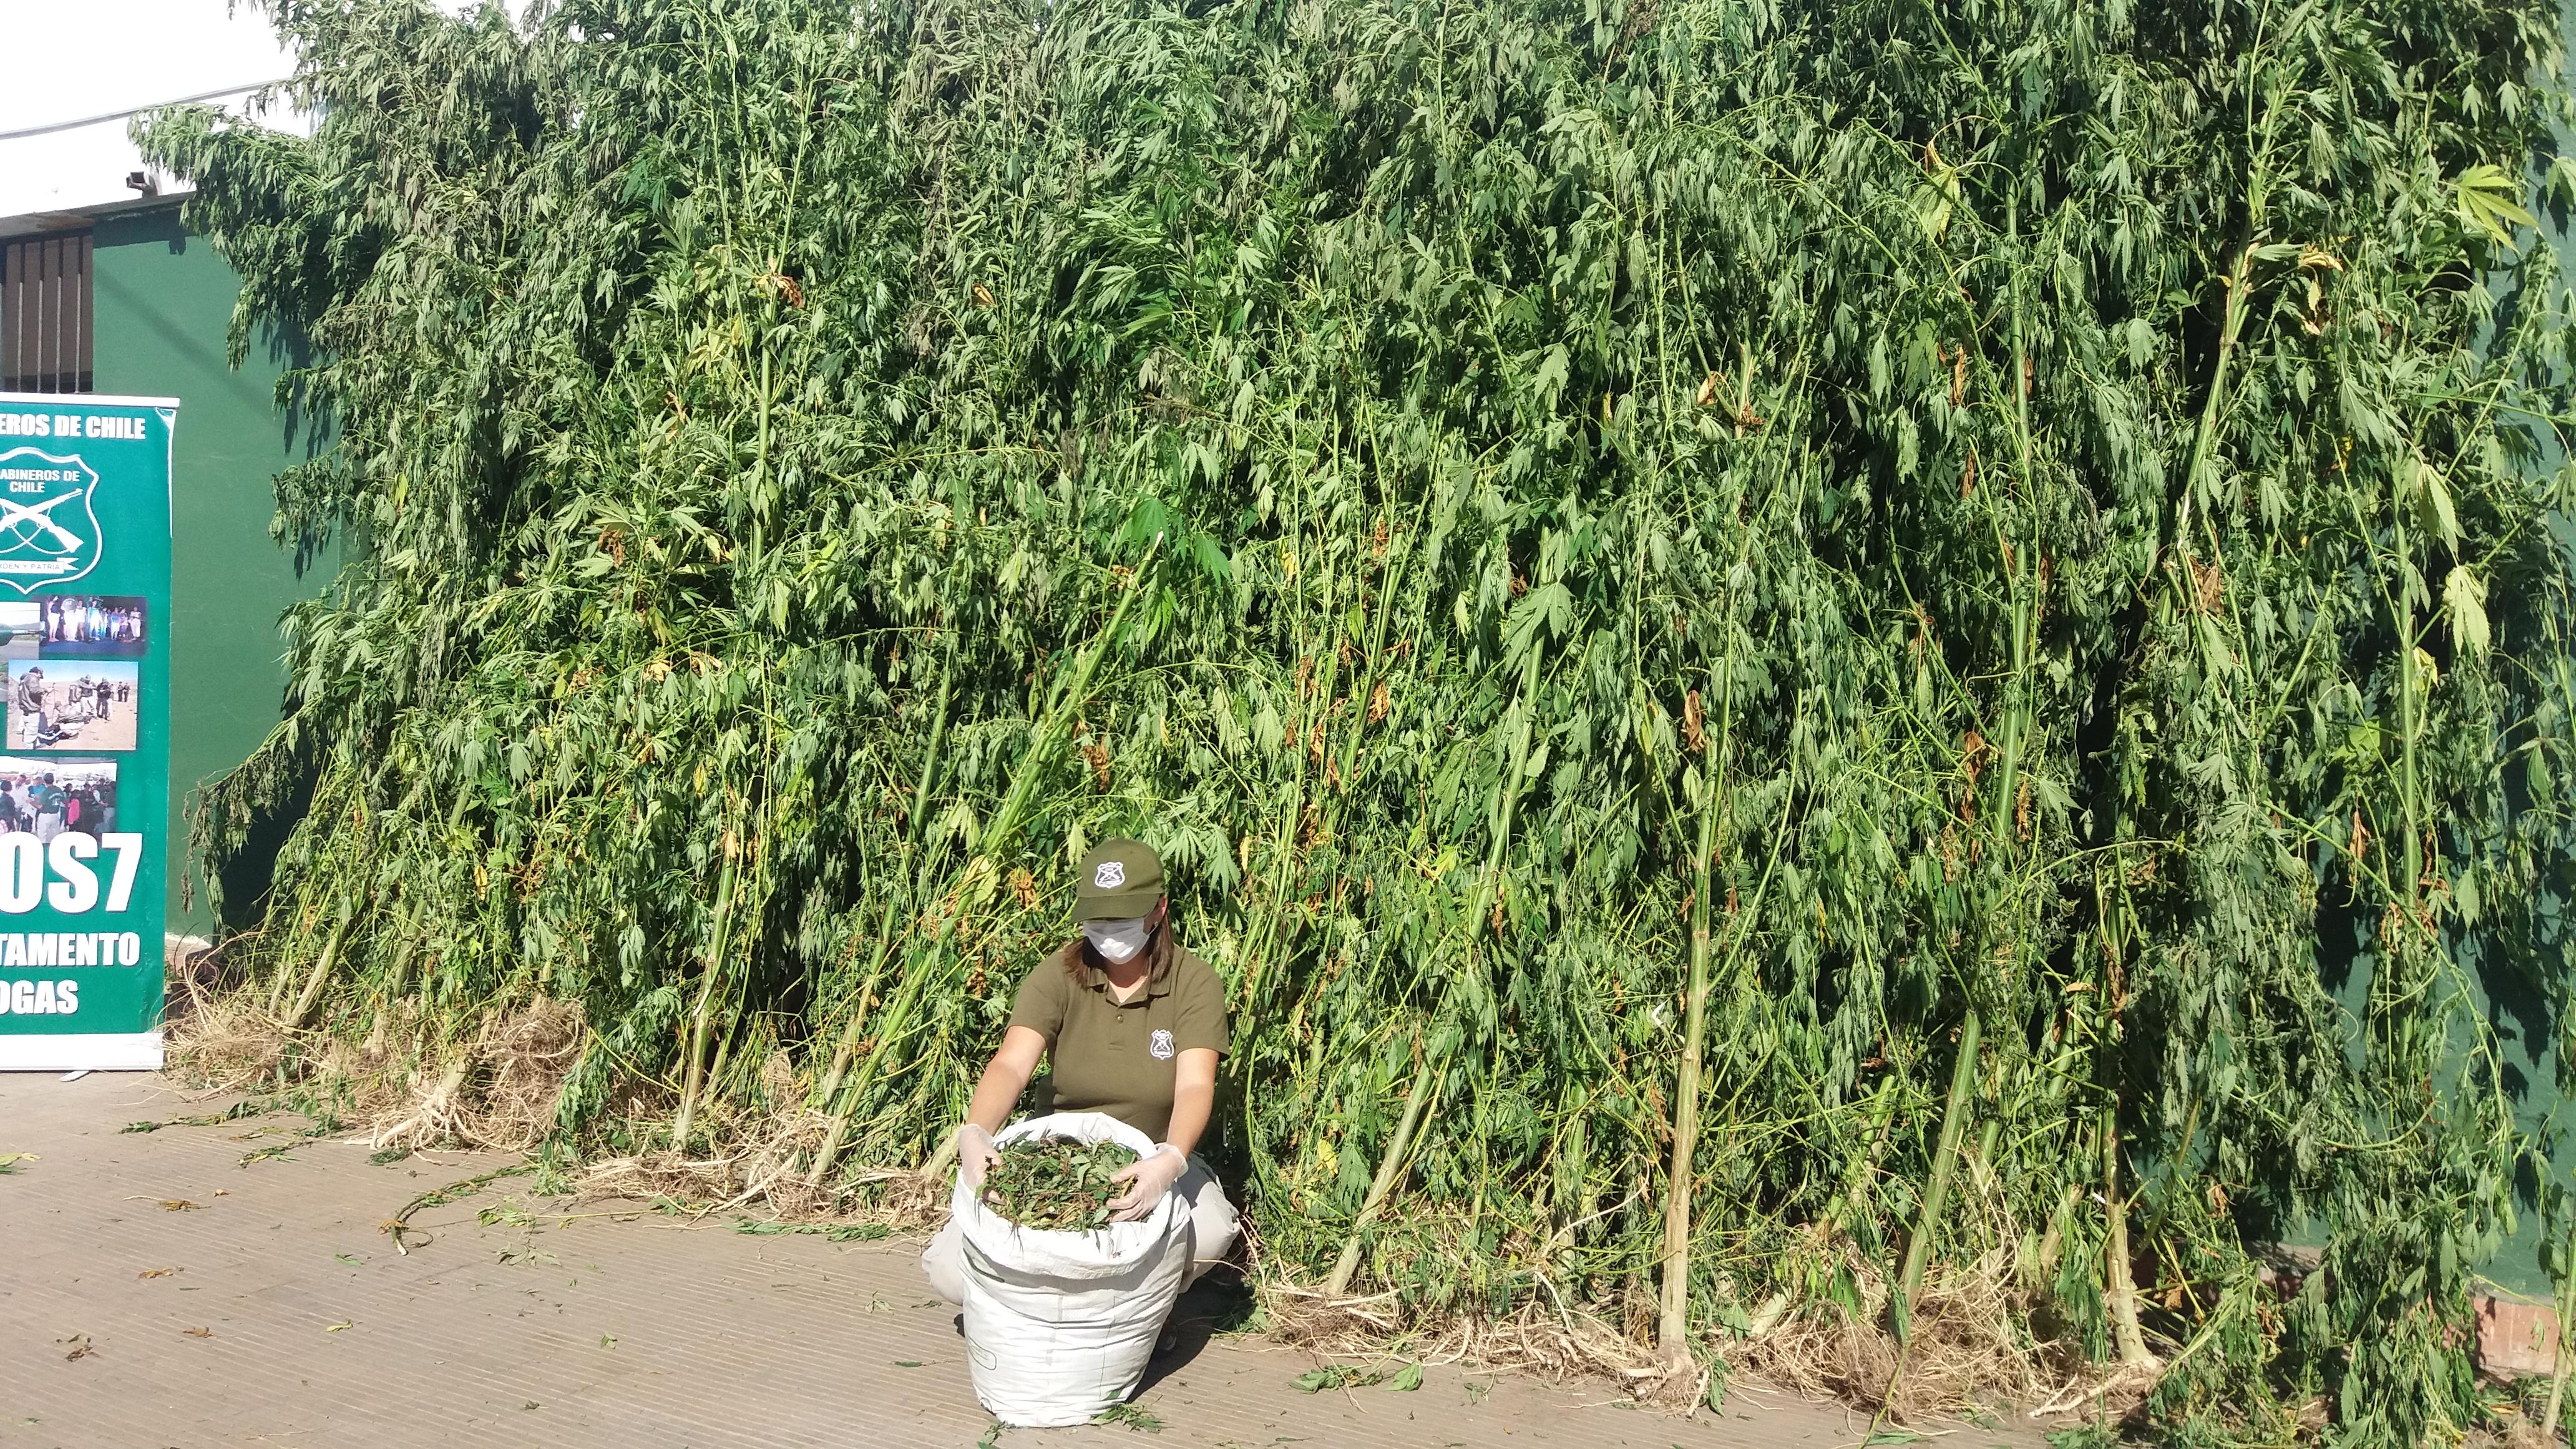 OS-7 de Carabineros de Talca, decomisa marihuana avaluada en más de 80 millones de pesos.